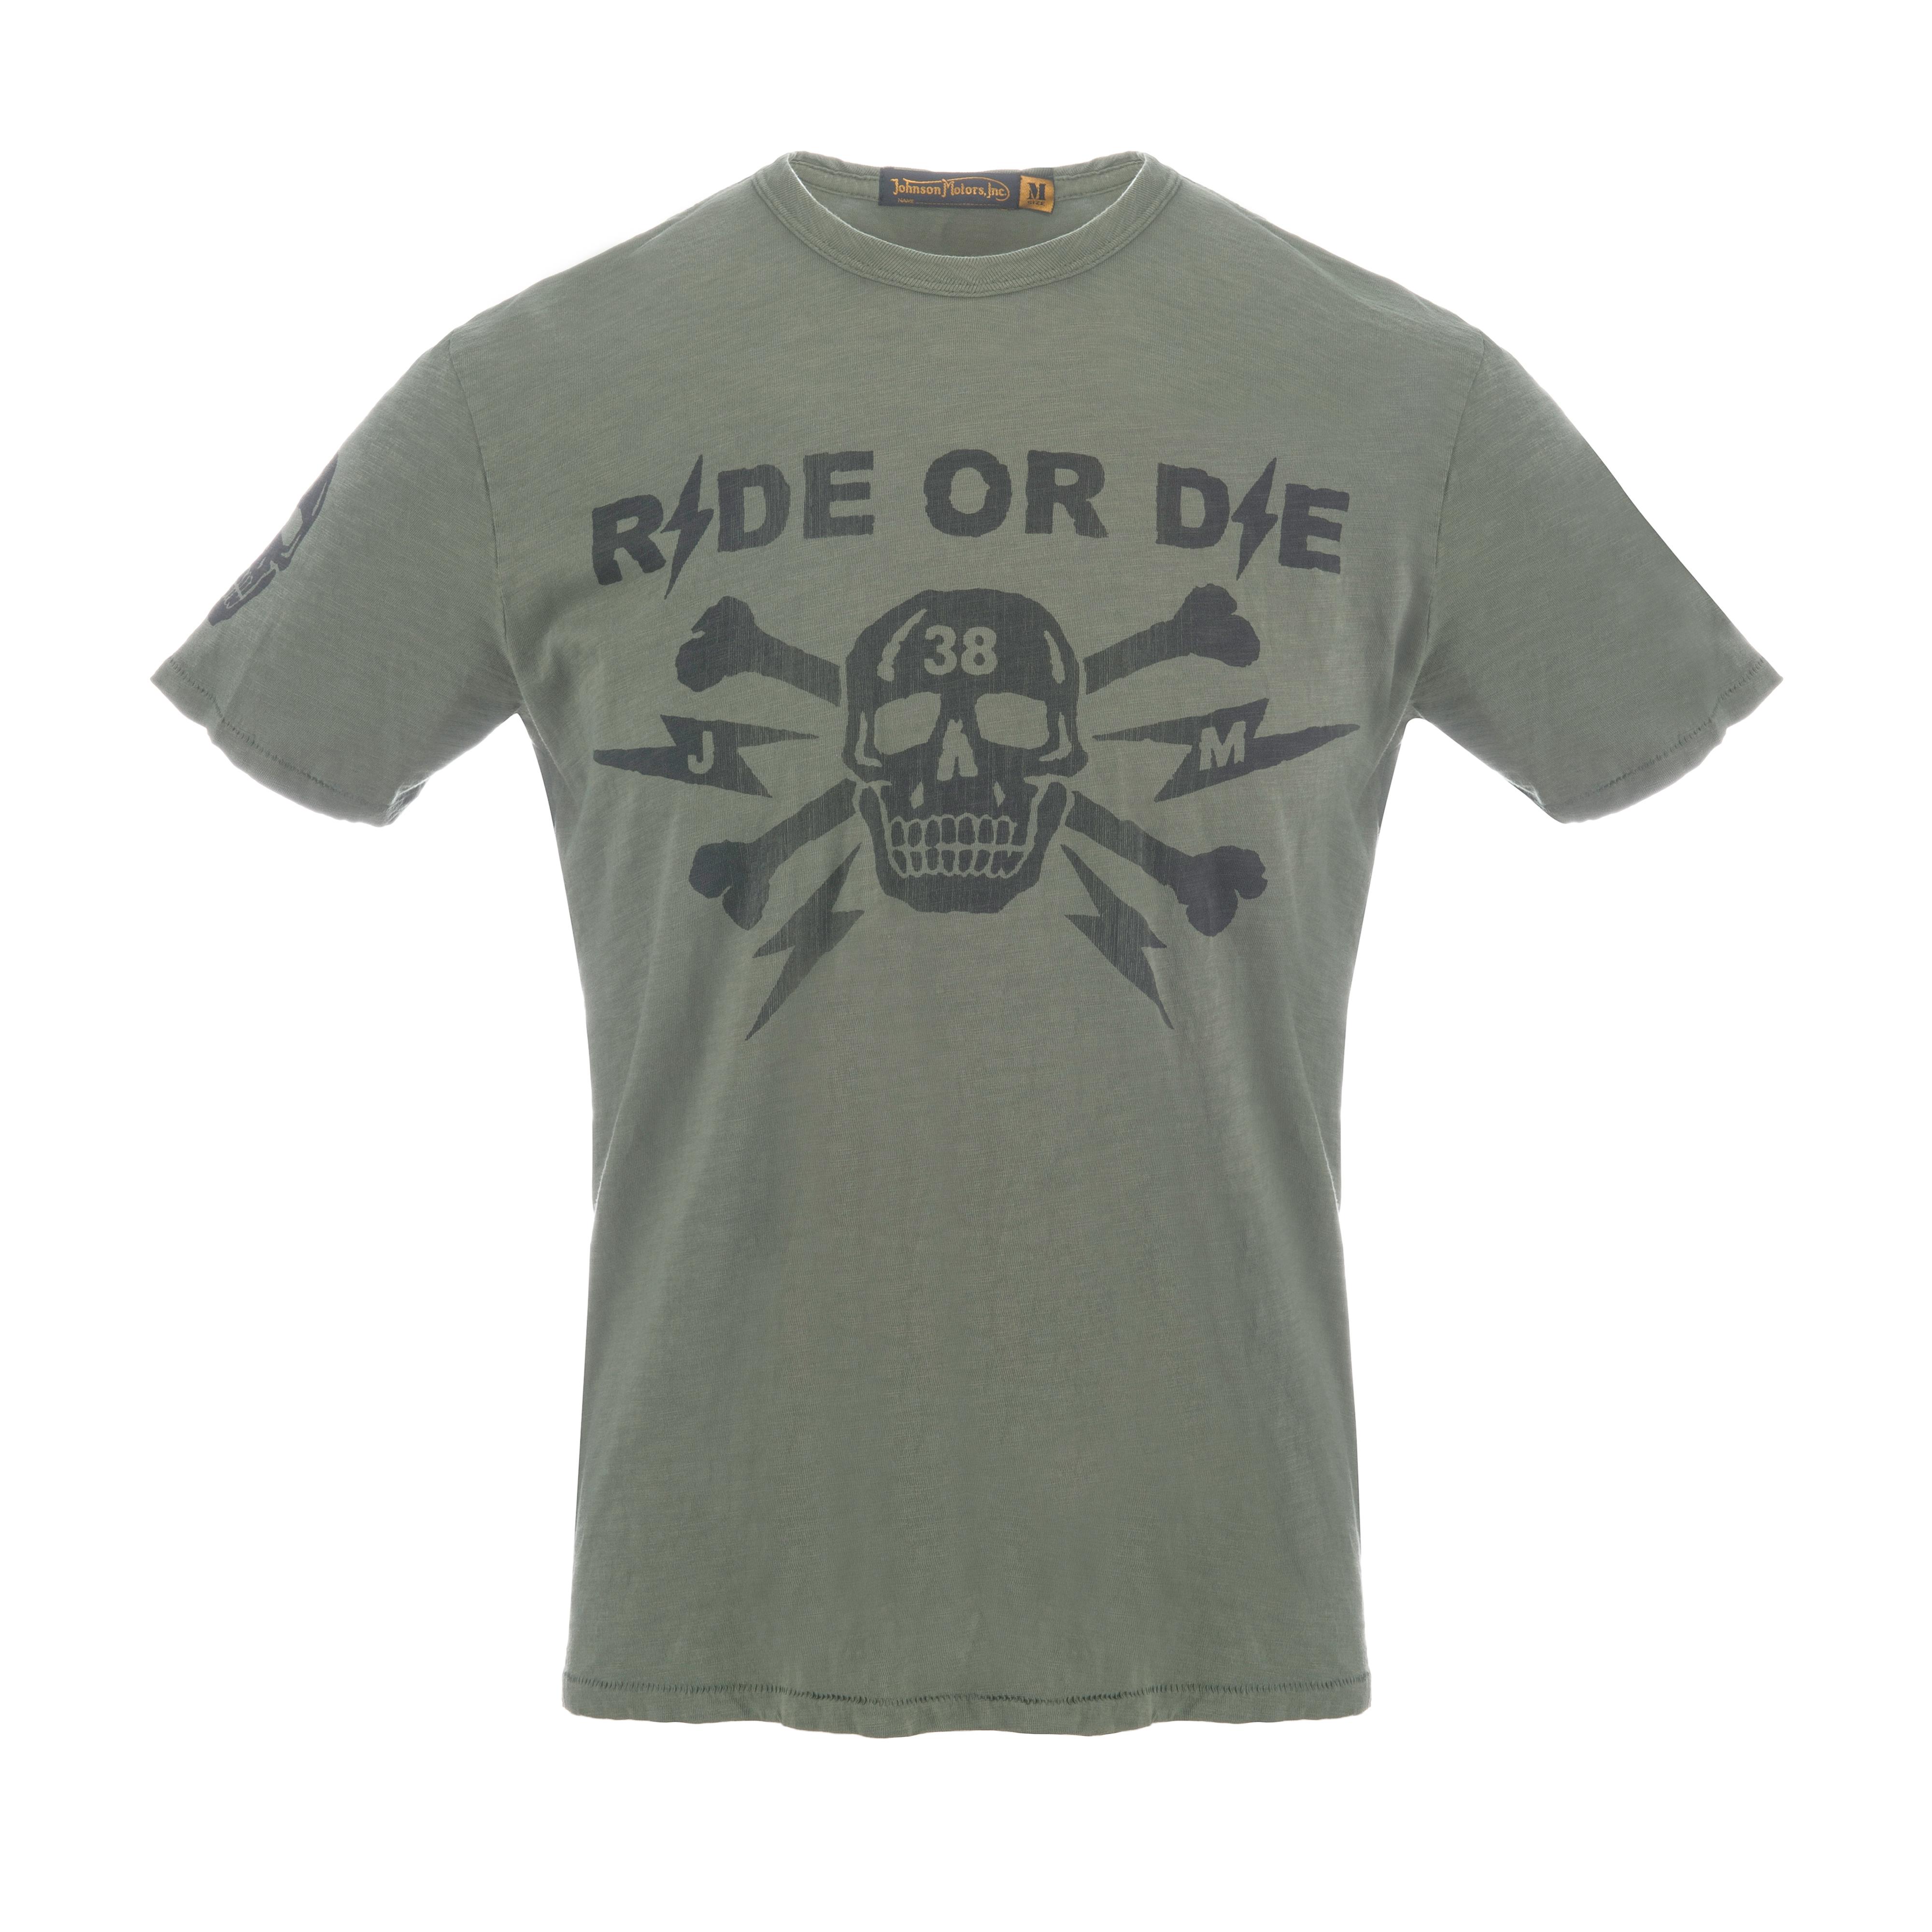 Ride Or Die 38 T-Shirt Olive Drab